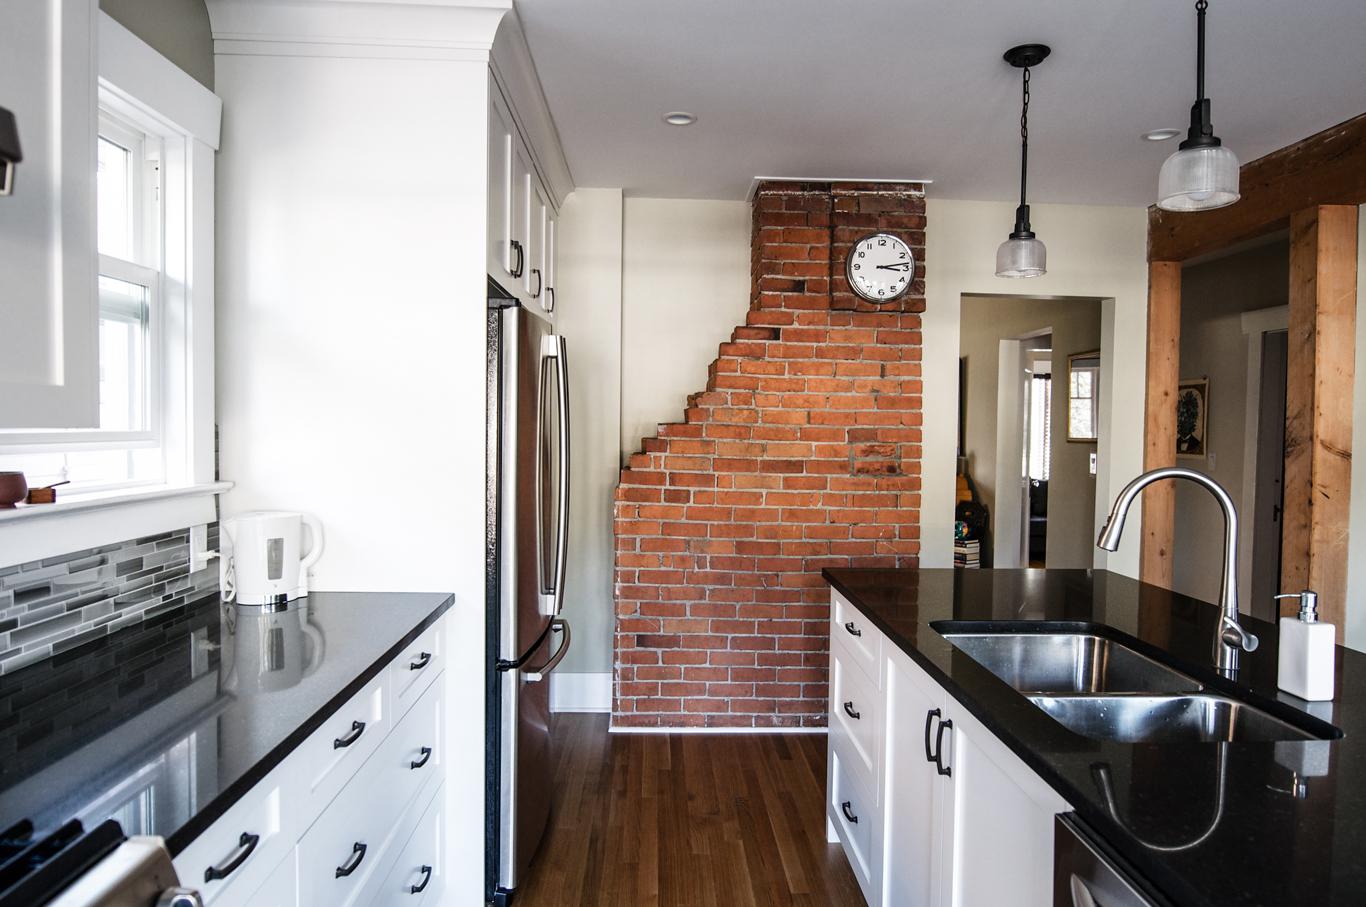 wilson-kitchen-construction-10.jpg